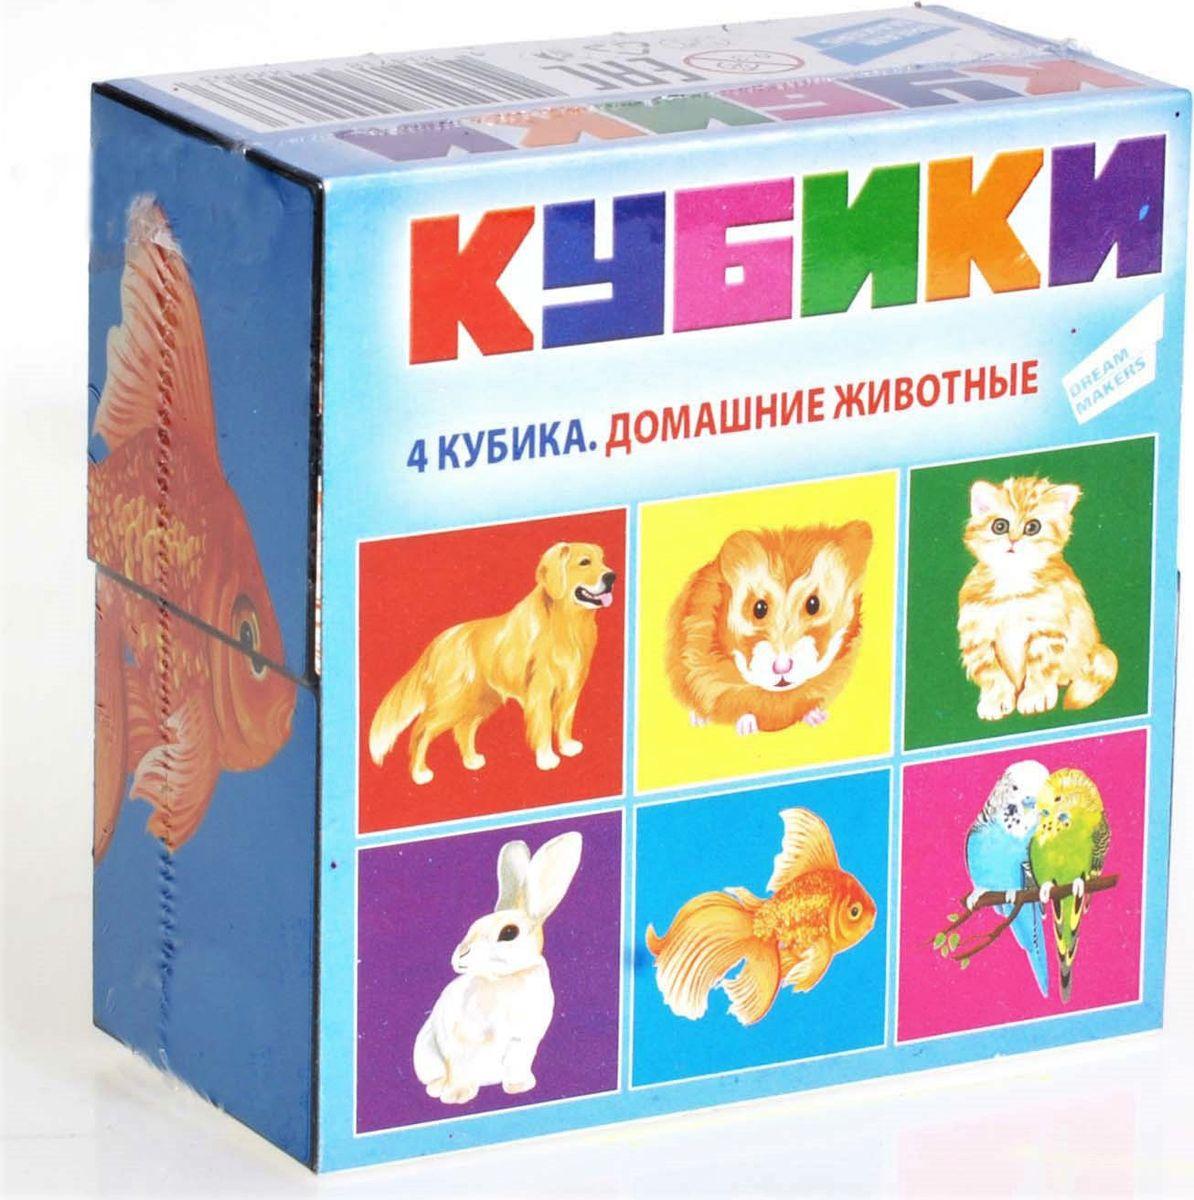 Dream Makers Кубики Домашние животные 4 шт кубики томик домашние животные